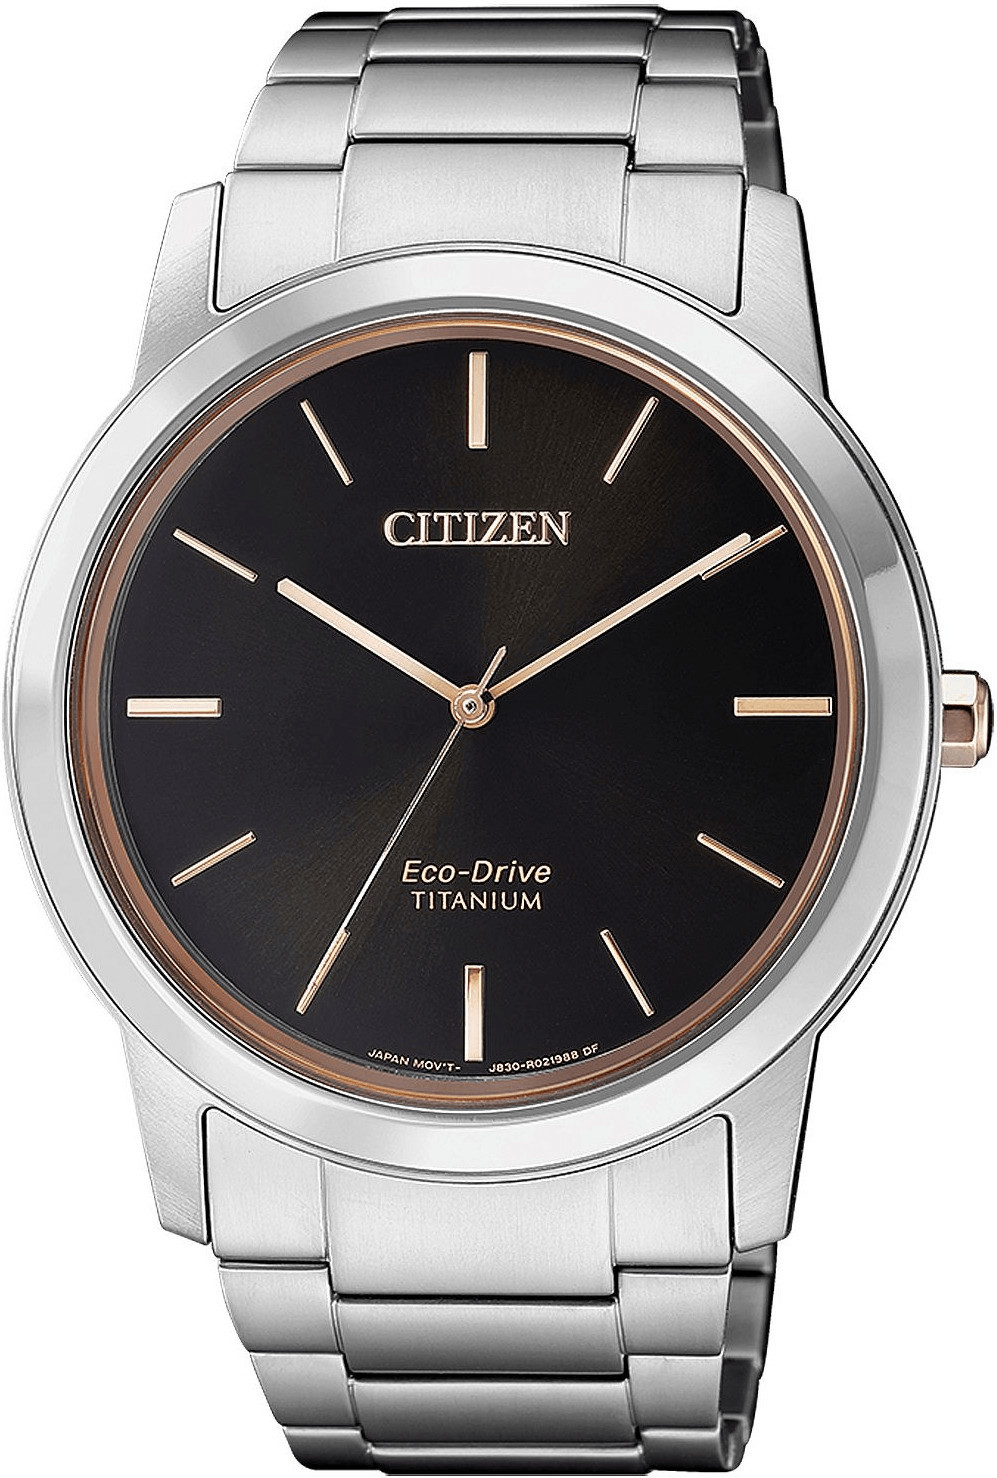 Citizen Eco-Drive Super Titanium (AW2024-81E)